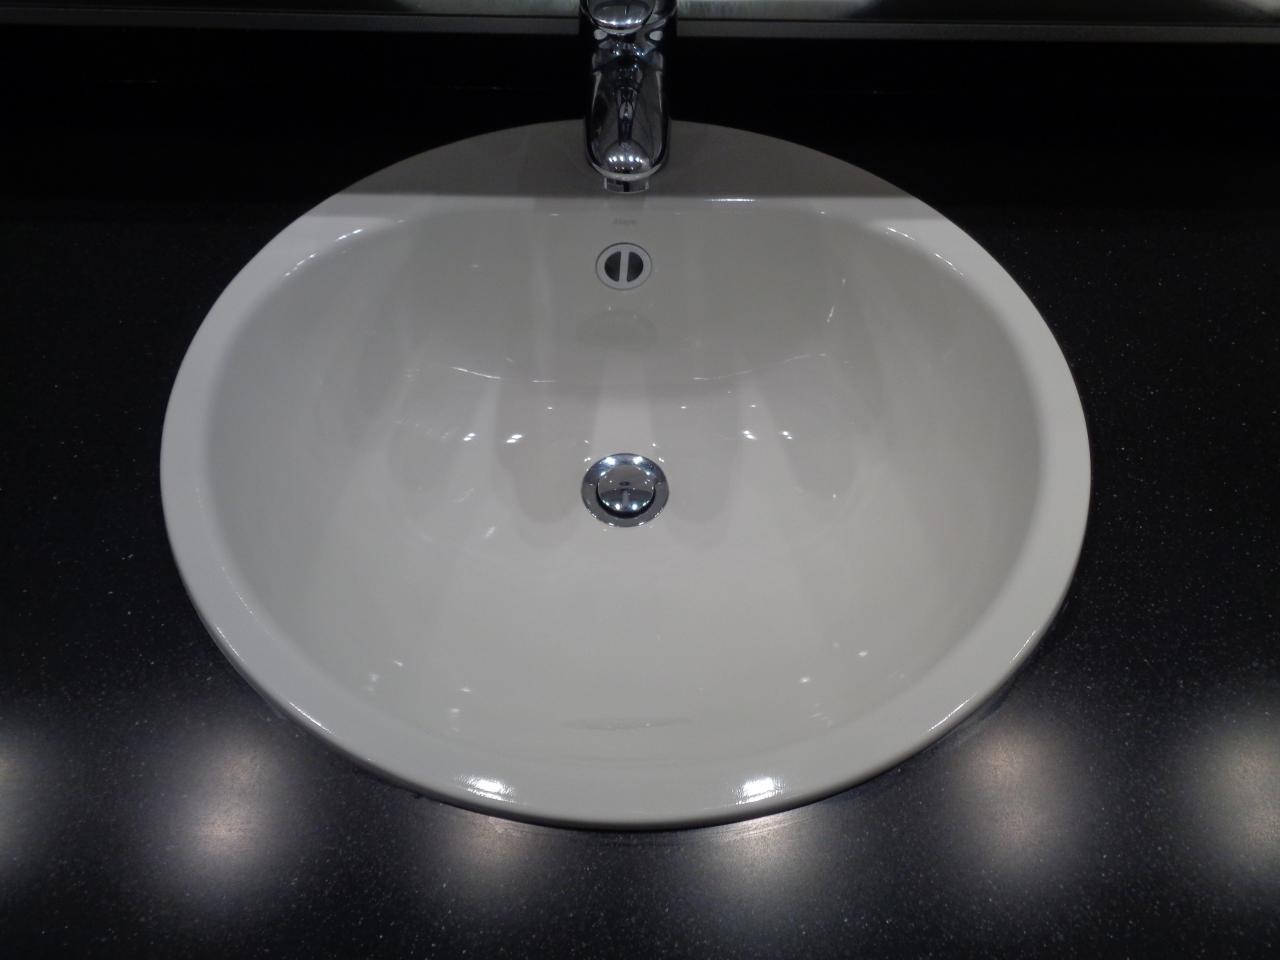 Plan vasque et bandeau lumineux fabriqués sur mesure.